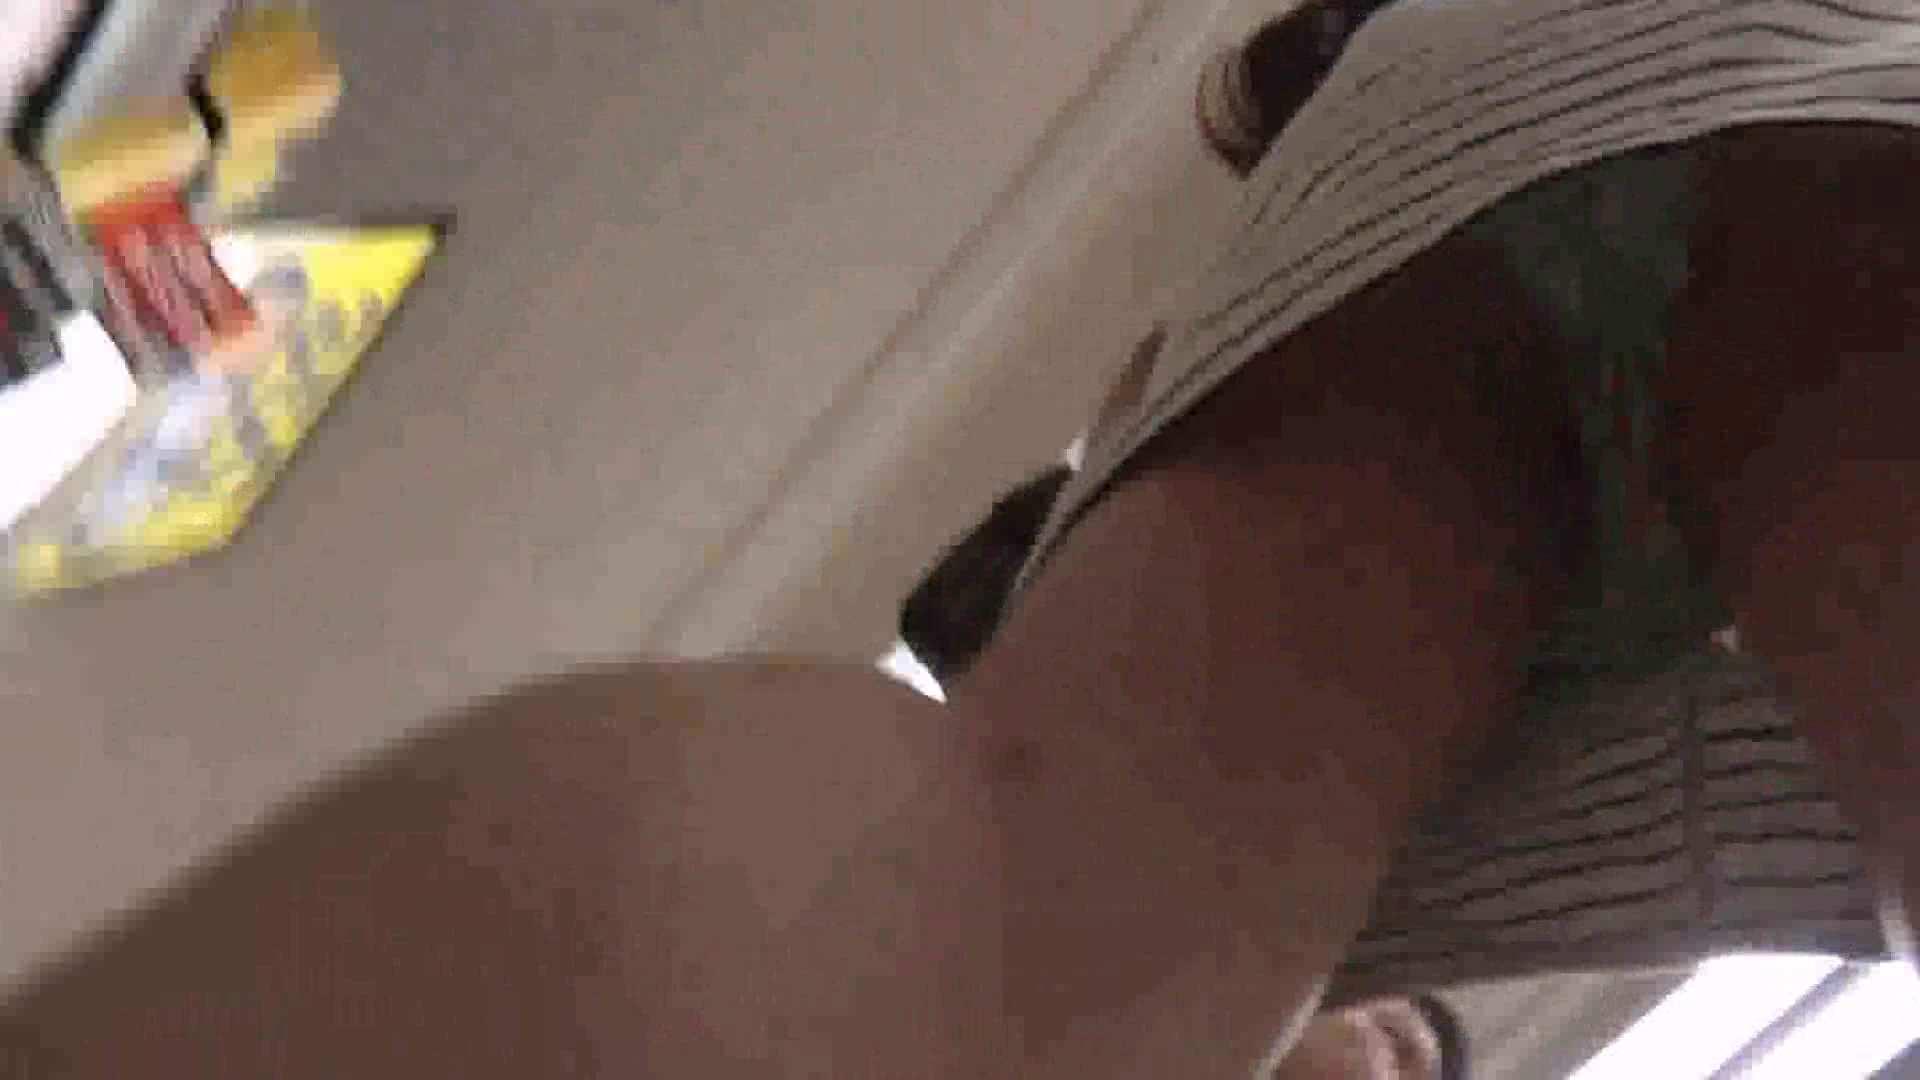 真剣に買い物中のgal達を上から下から狙います。vol.01 OLのエッチ セックス画像 79pic 35